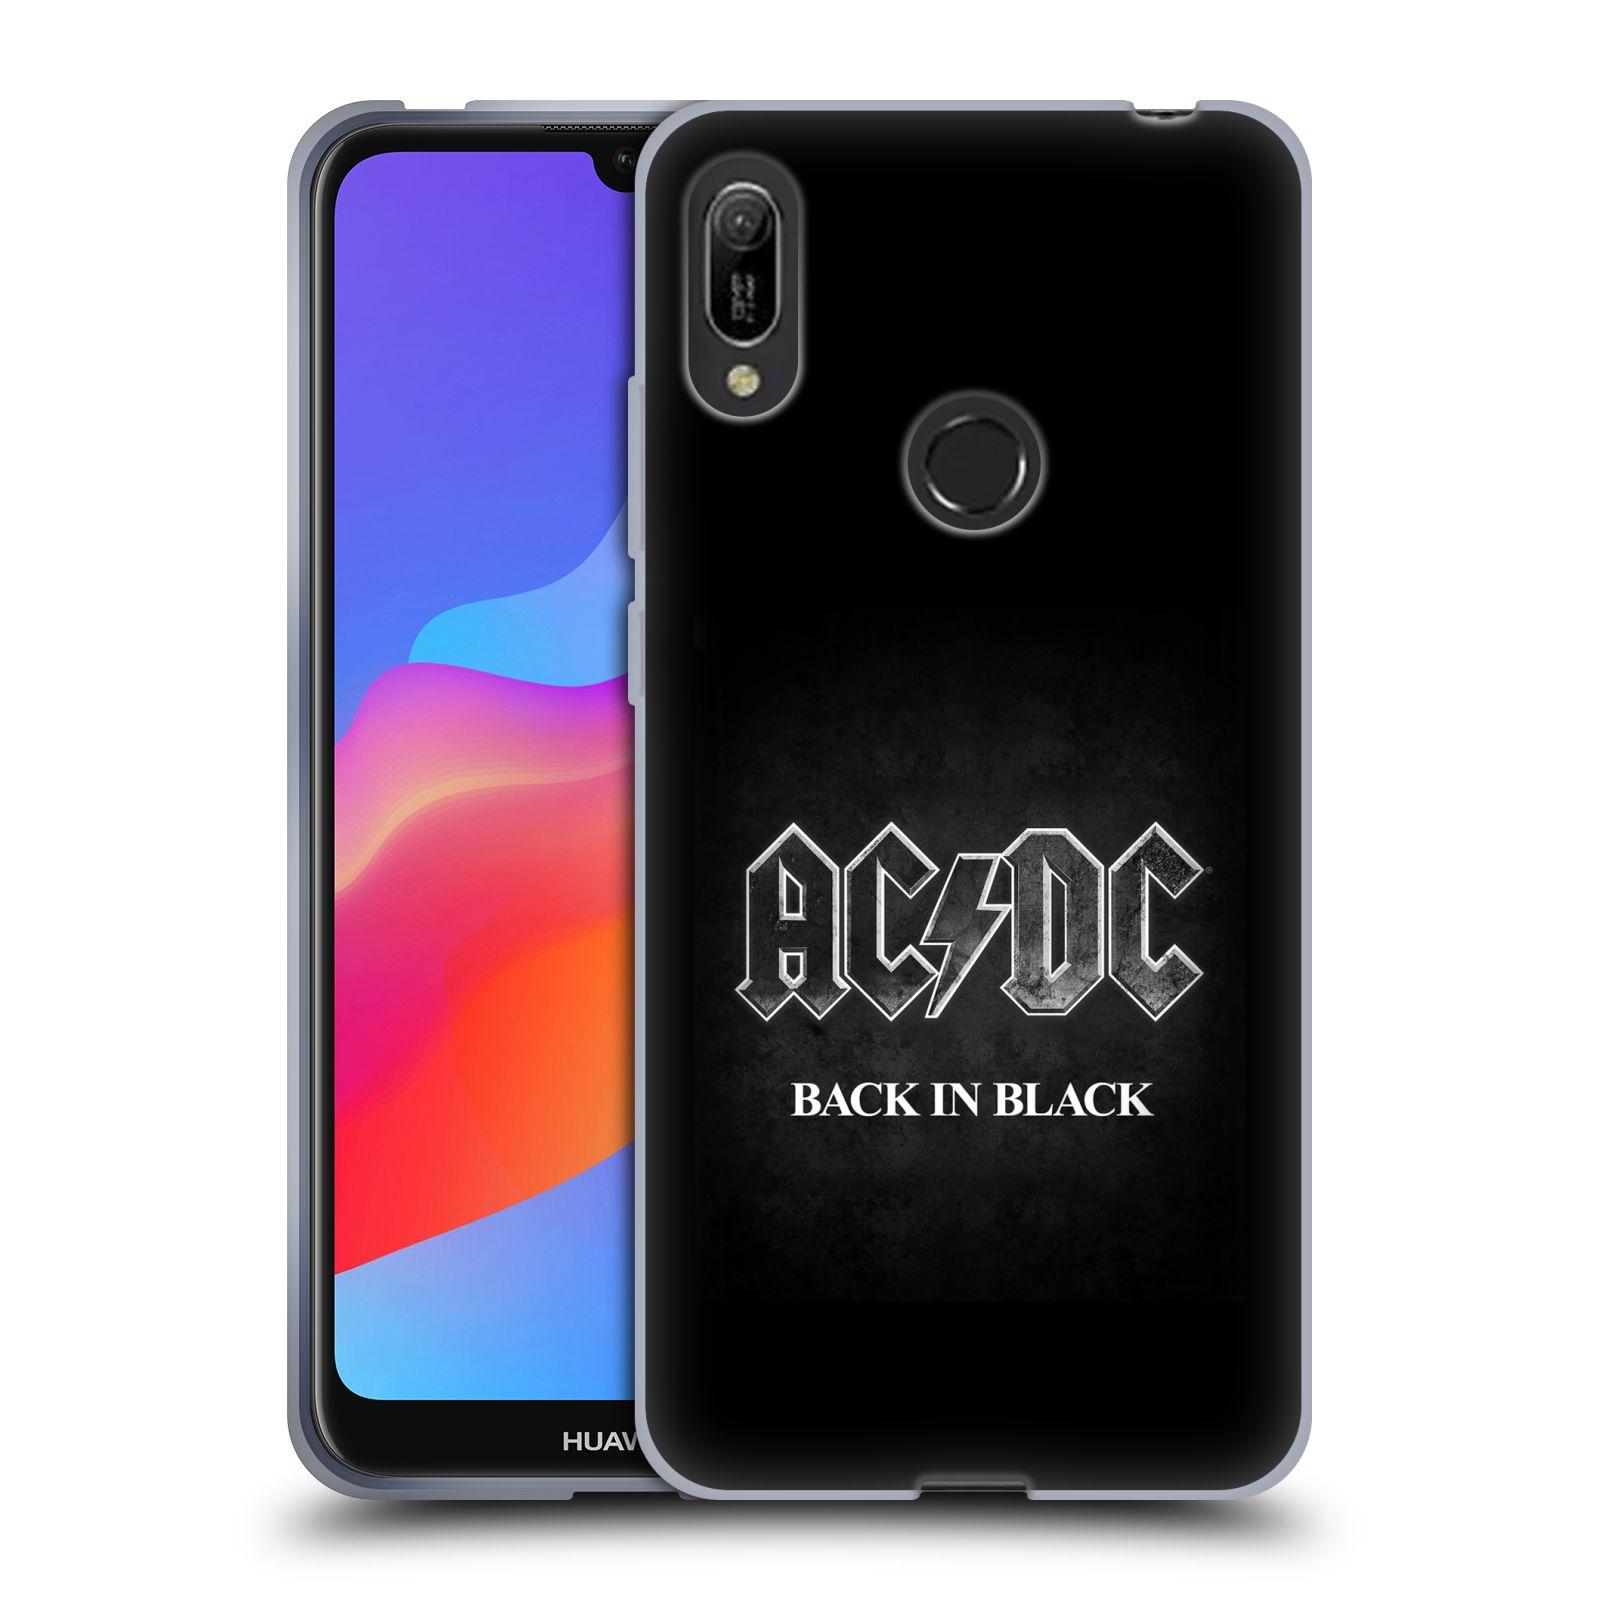 Silikonové pouzdro na mobil Huawei Y6 (2019) - Head Case - AC/DC BACK IN BLACK